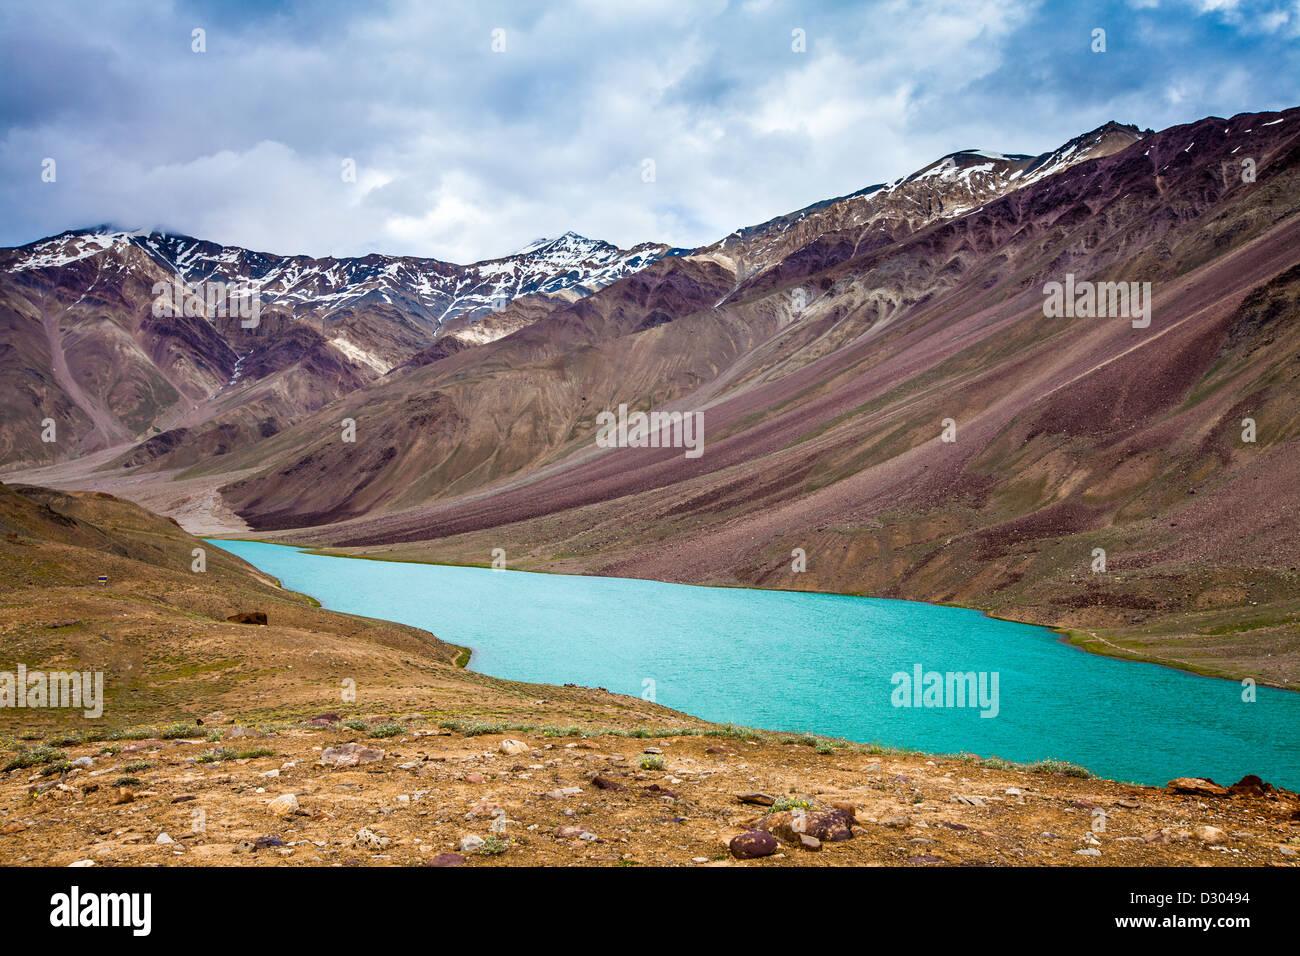 El lago Taal Chandra valle de Spiti, Himachal Pradesh, India Imagen De Stock